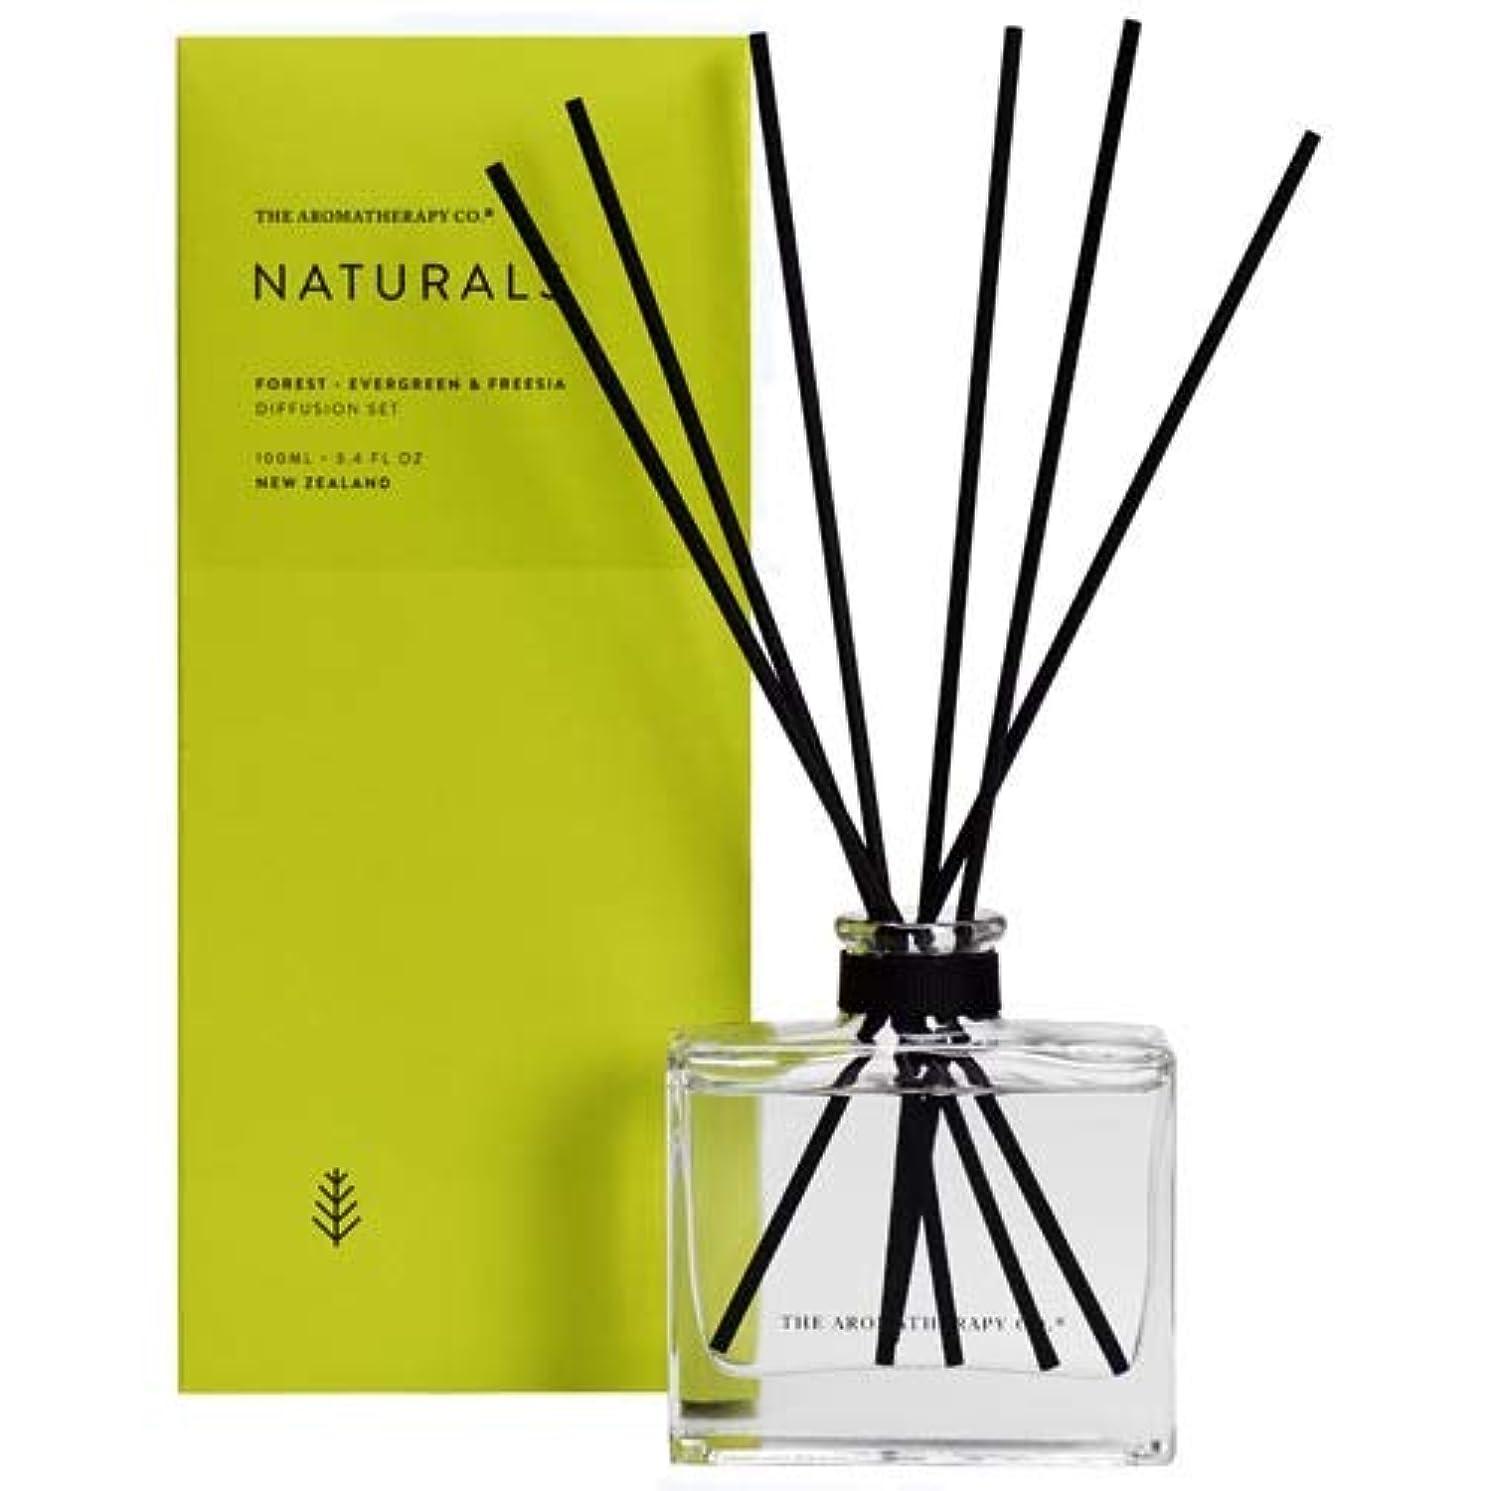 有料天地震アロマセラピーカンパニー(Aromatherapy Company) new NATURALS ナチュラルズ Diffusion Stick ディフュージョンスティック Forest フォレスト(森林) Evergreen...